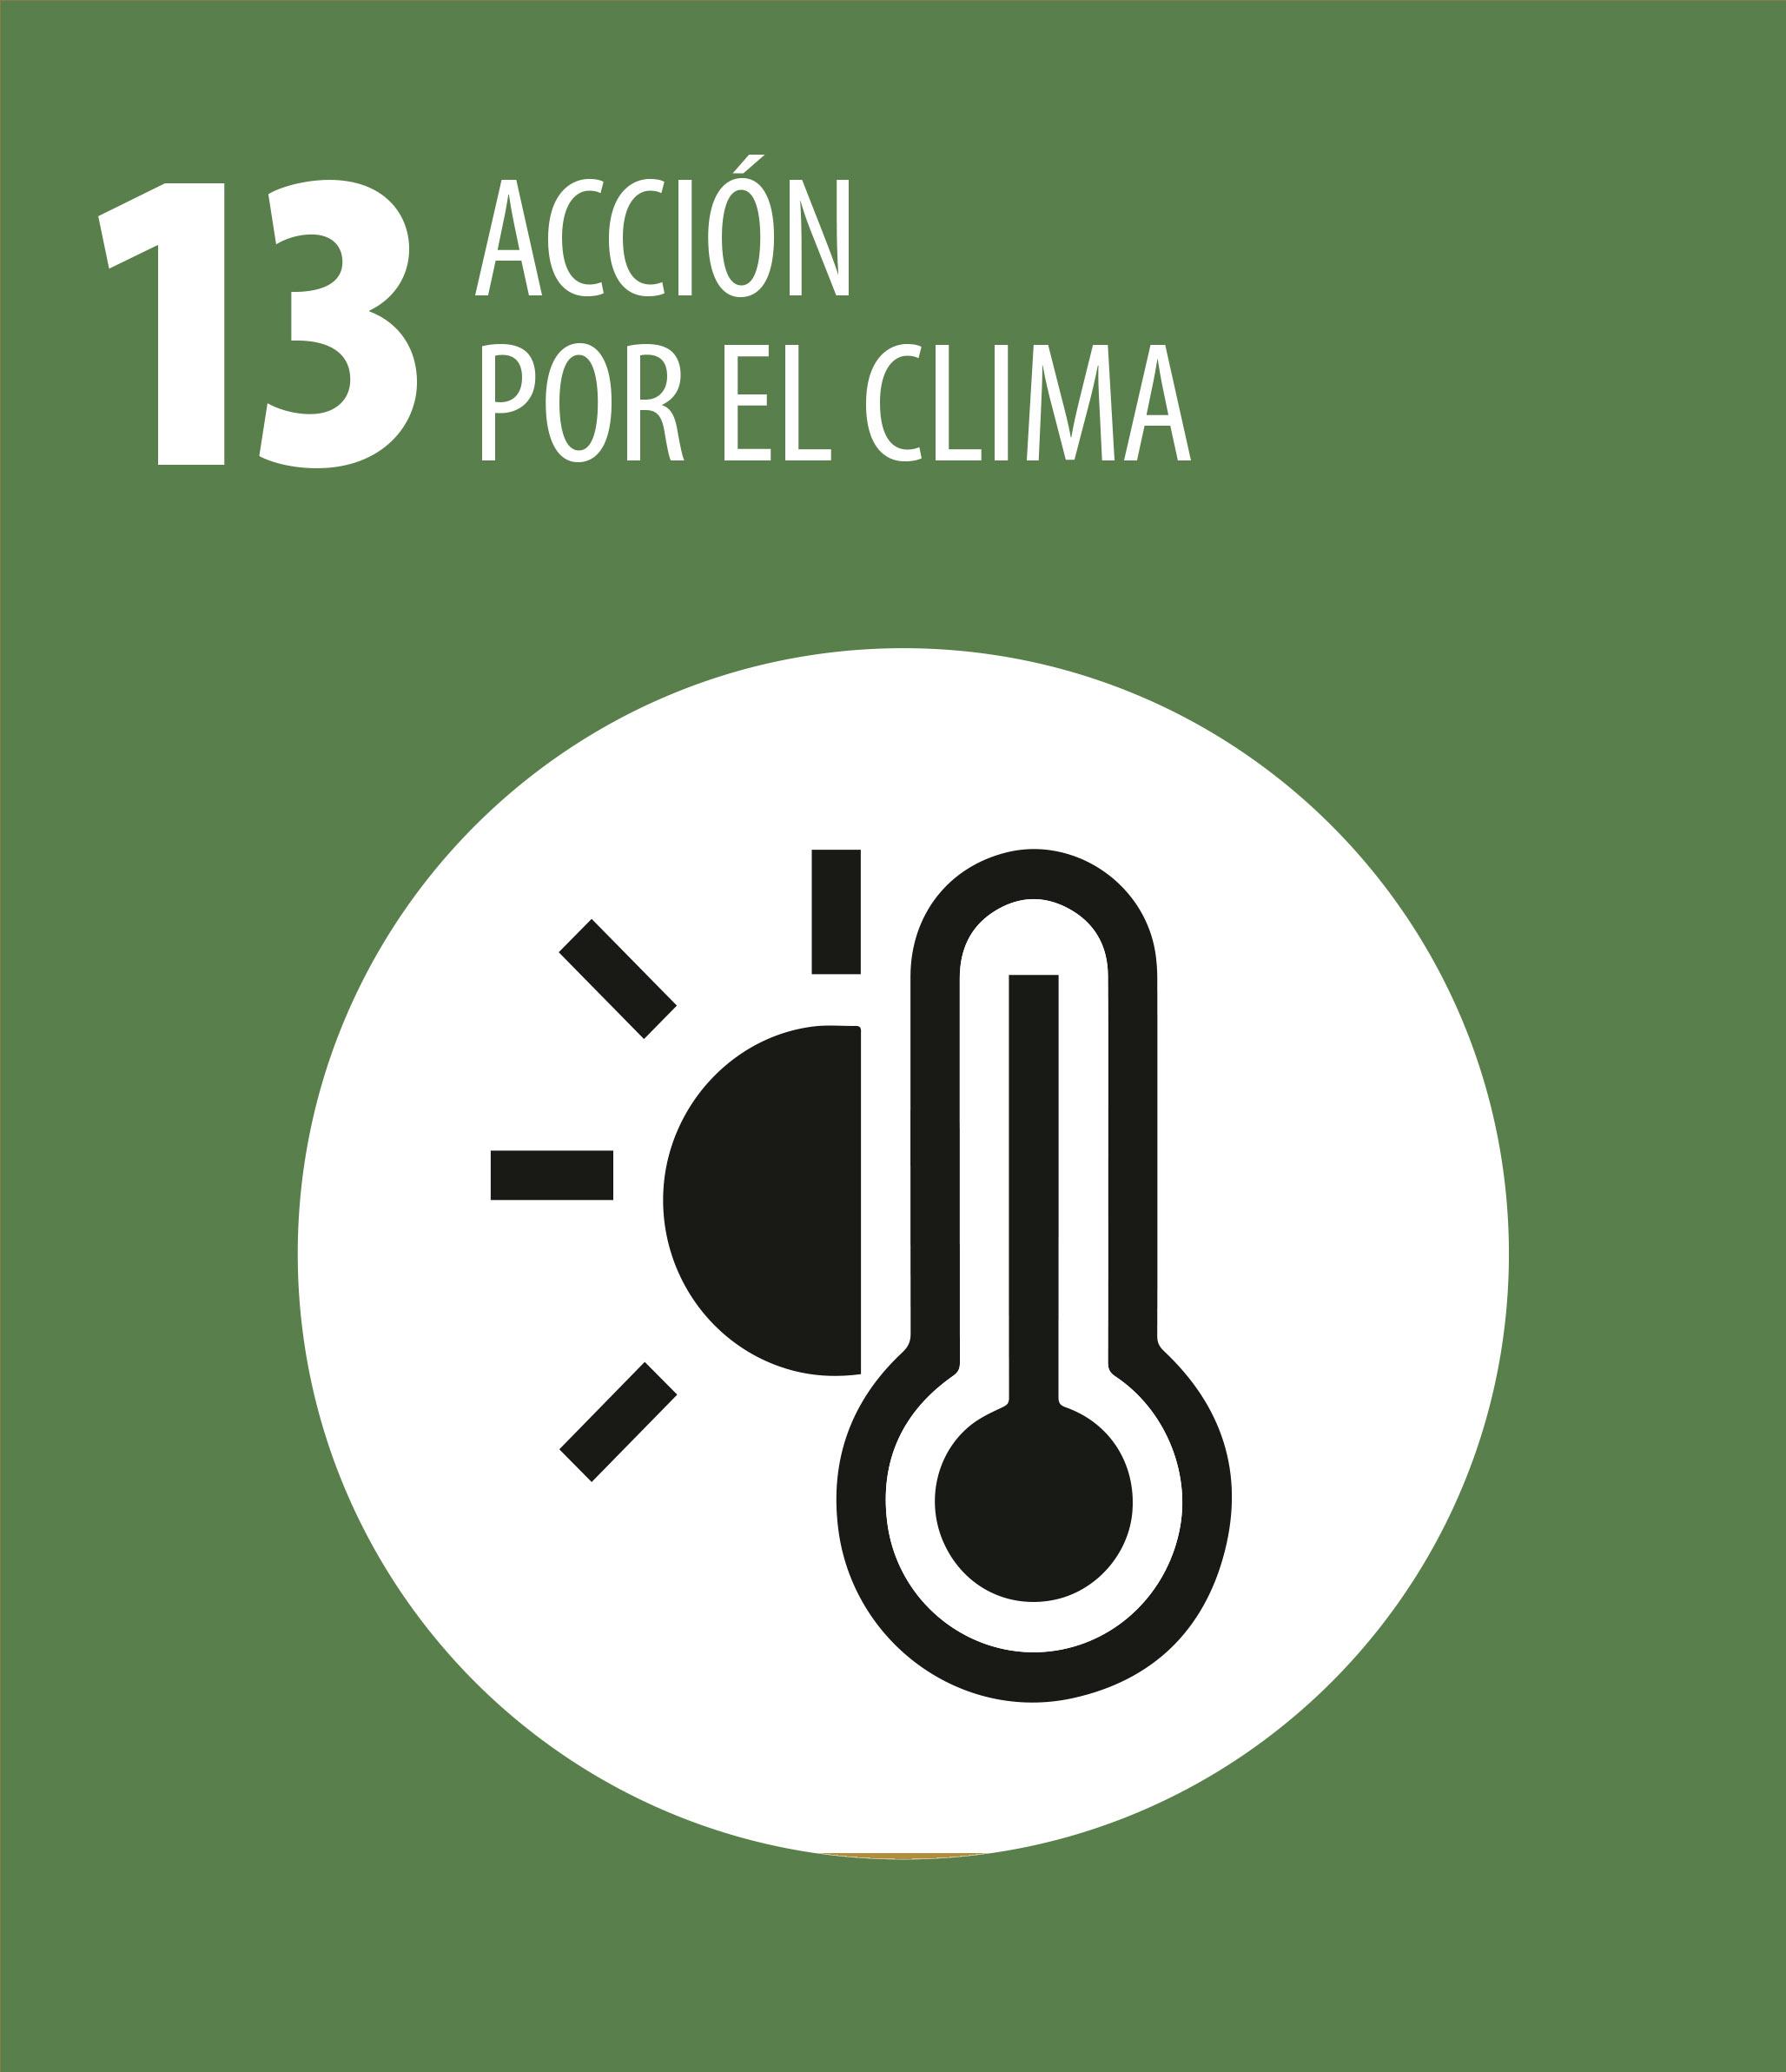 ODS 13 Accion por el clima